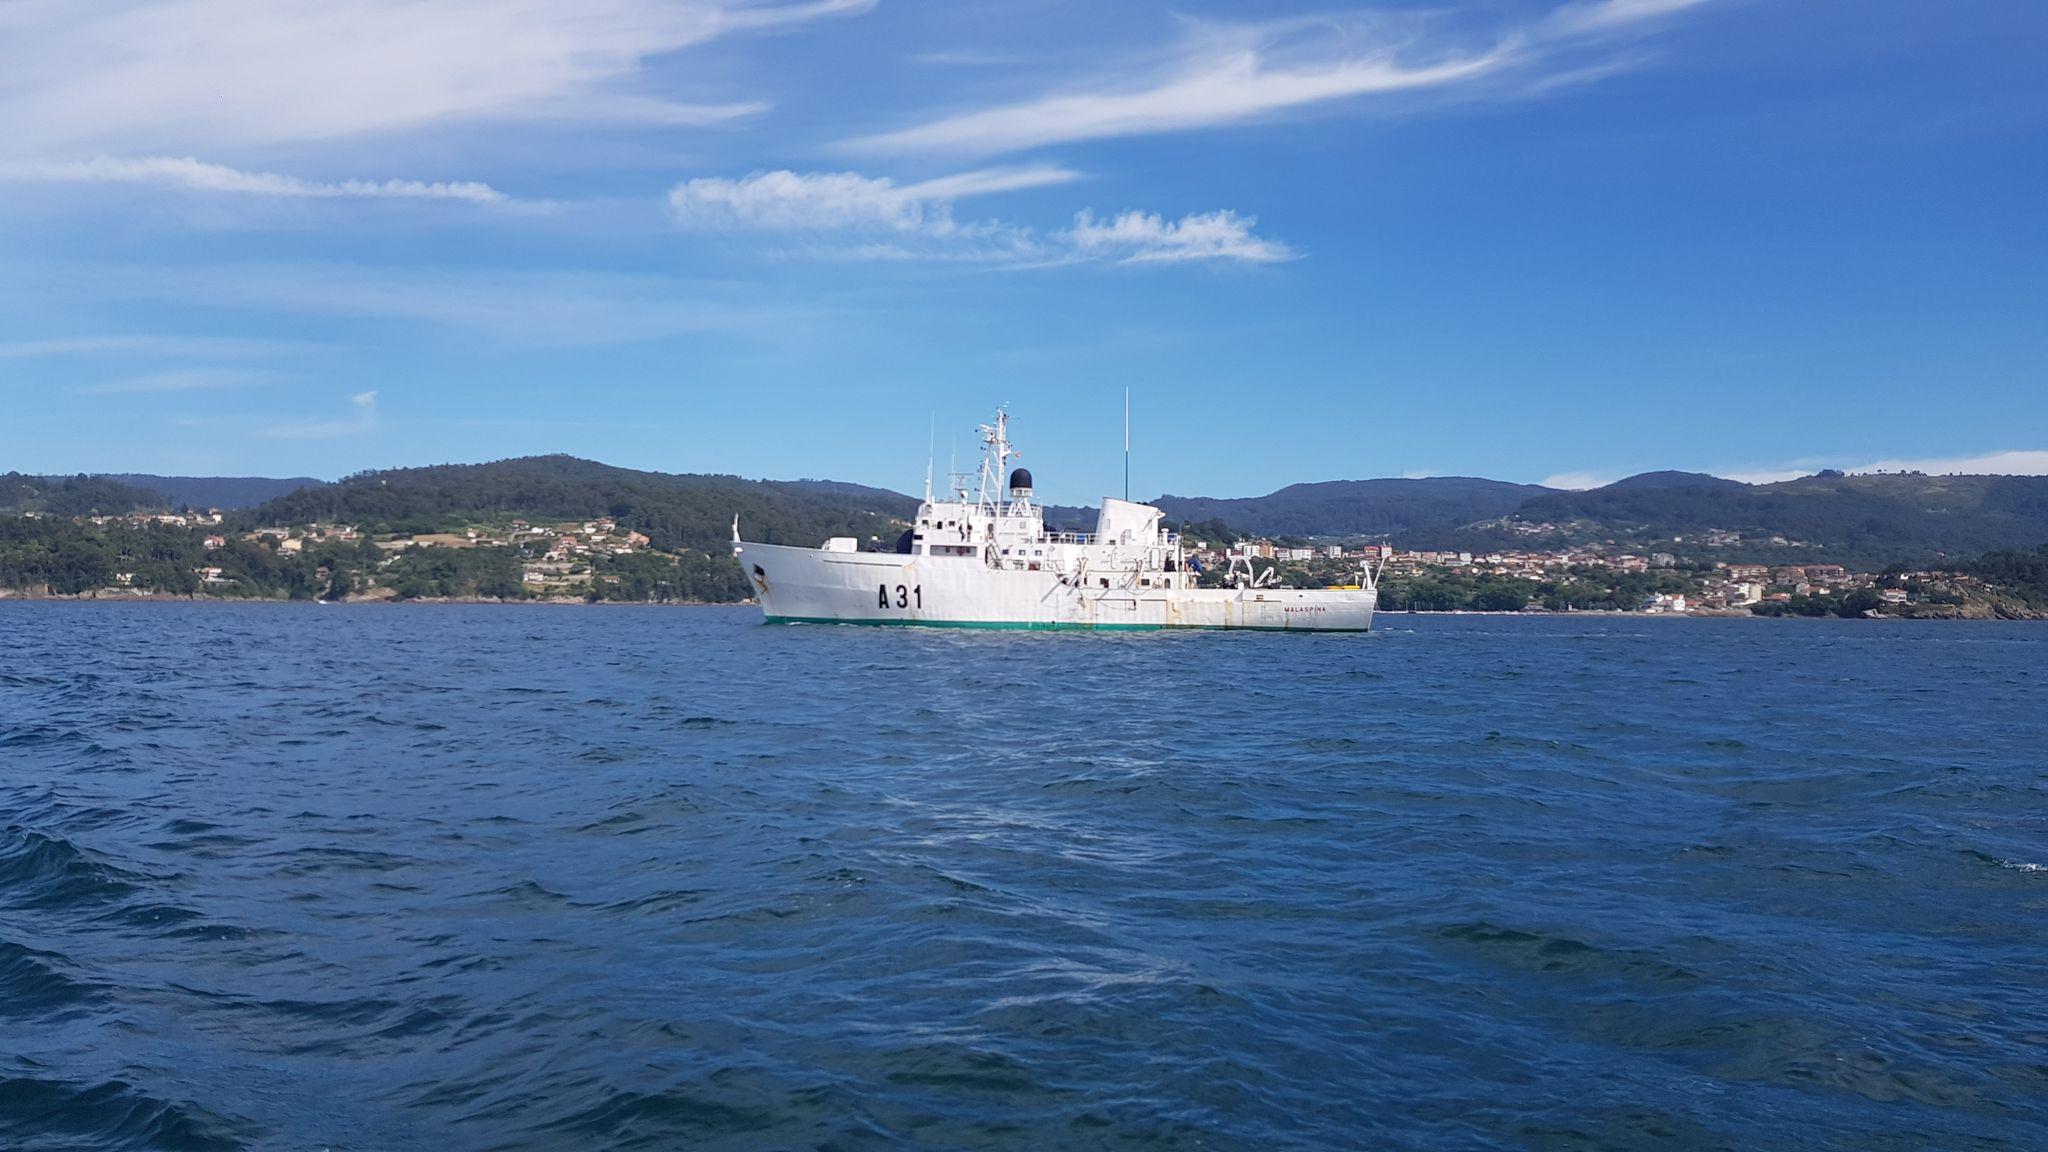 Nos cruzamos con el buque Malaspina volviendo a Portonovo